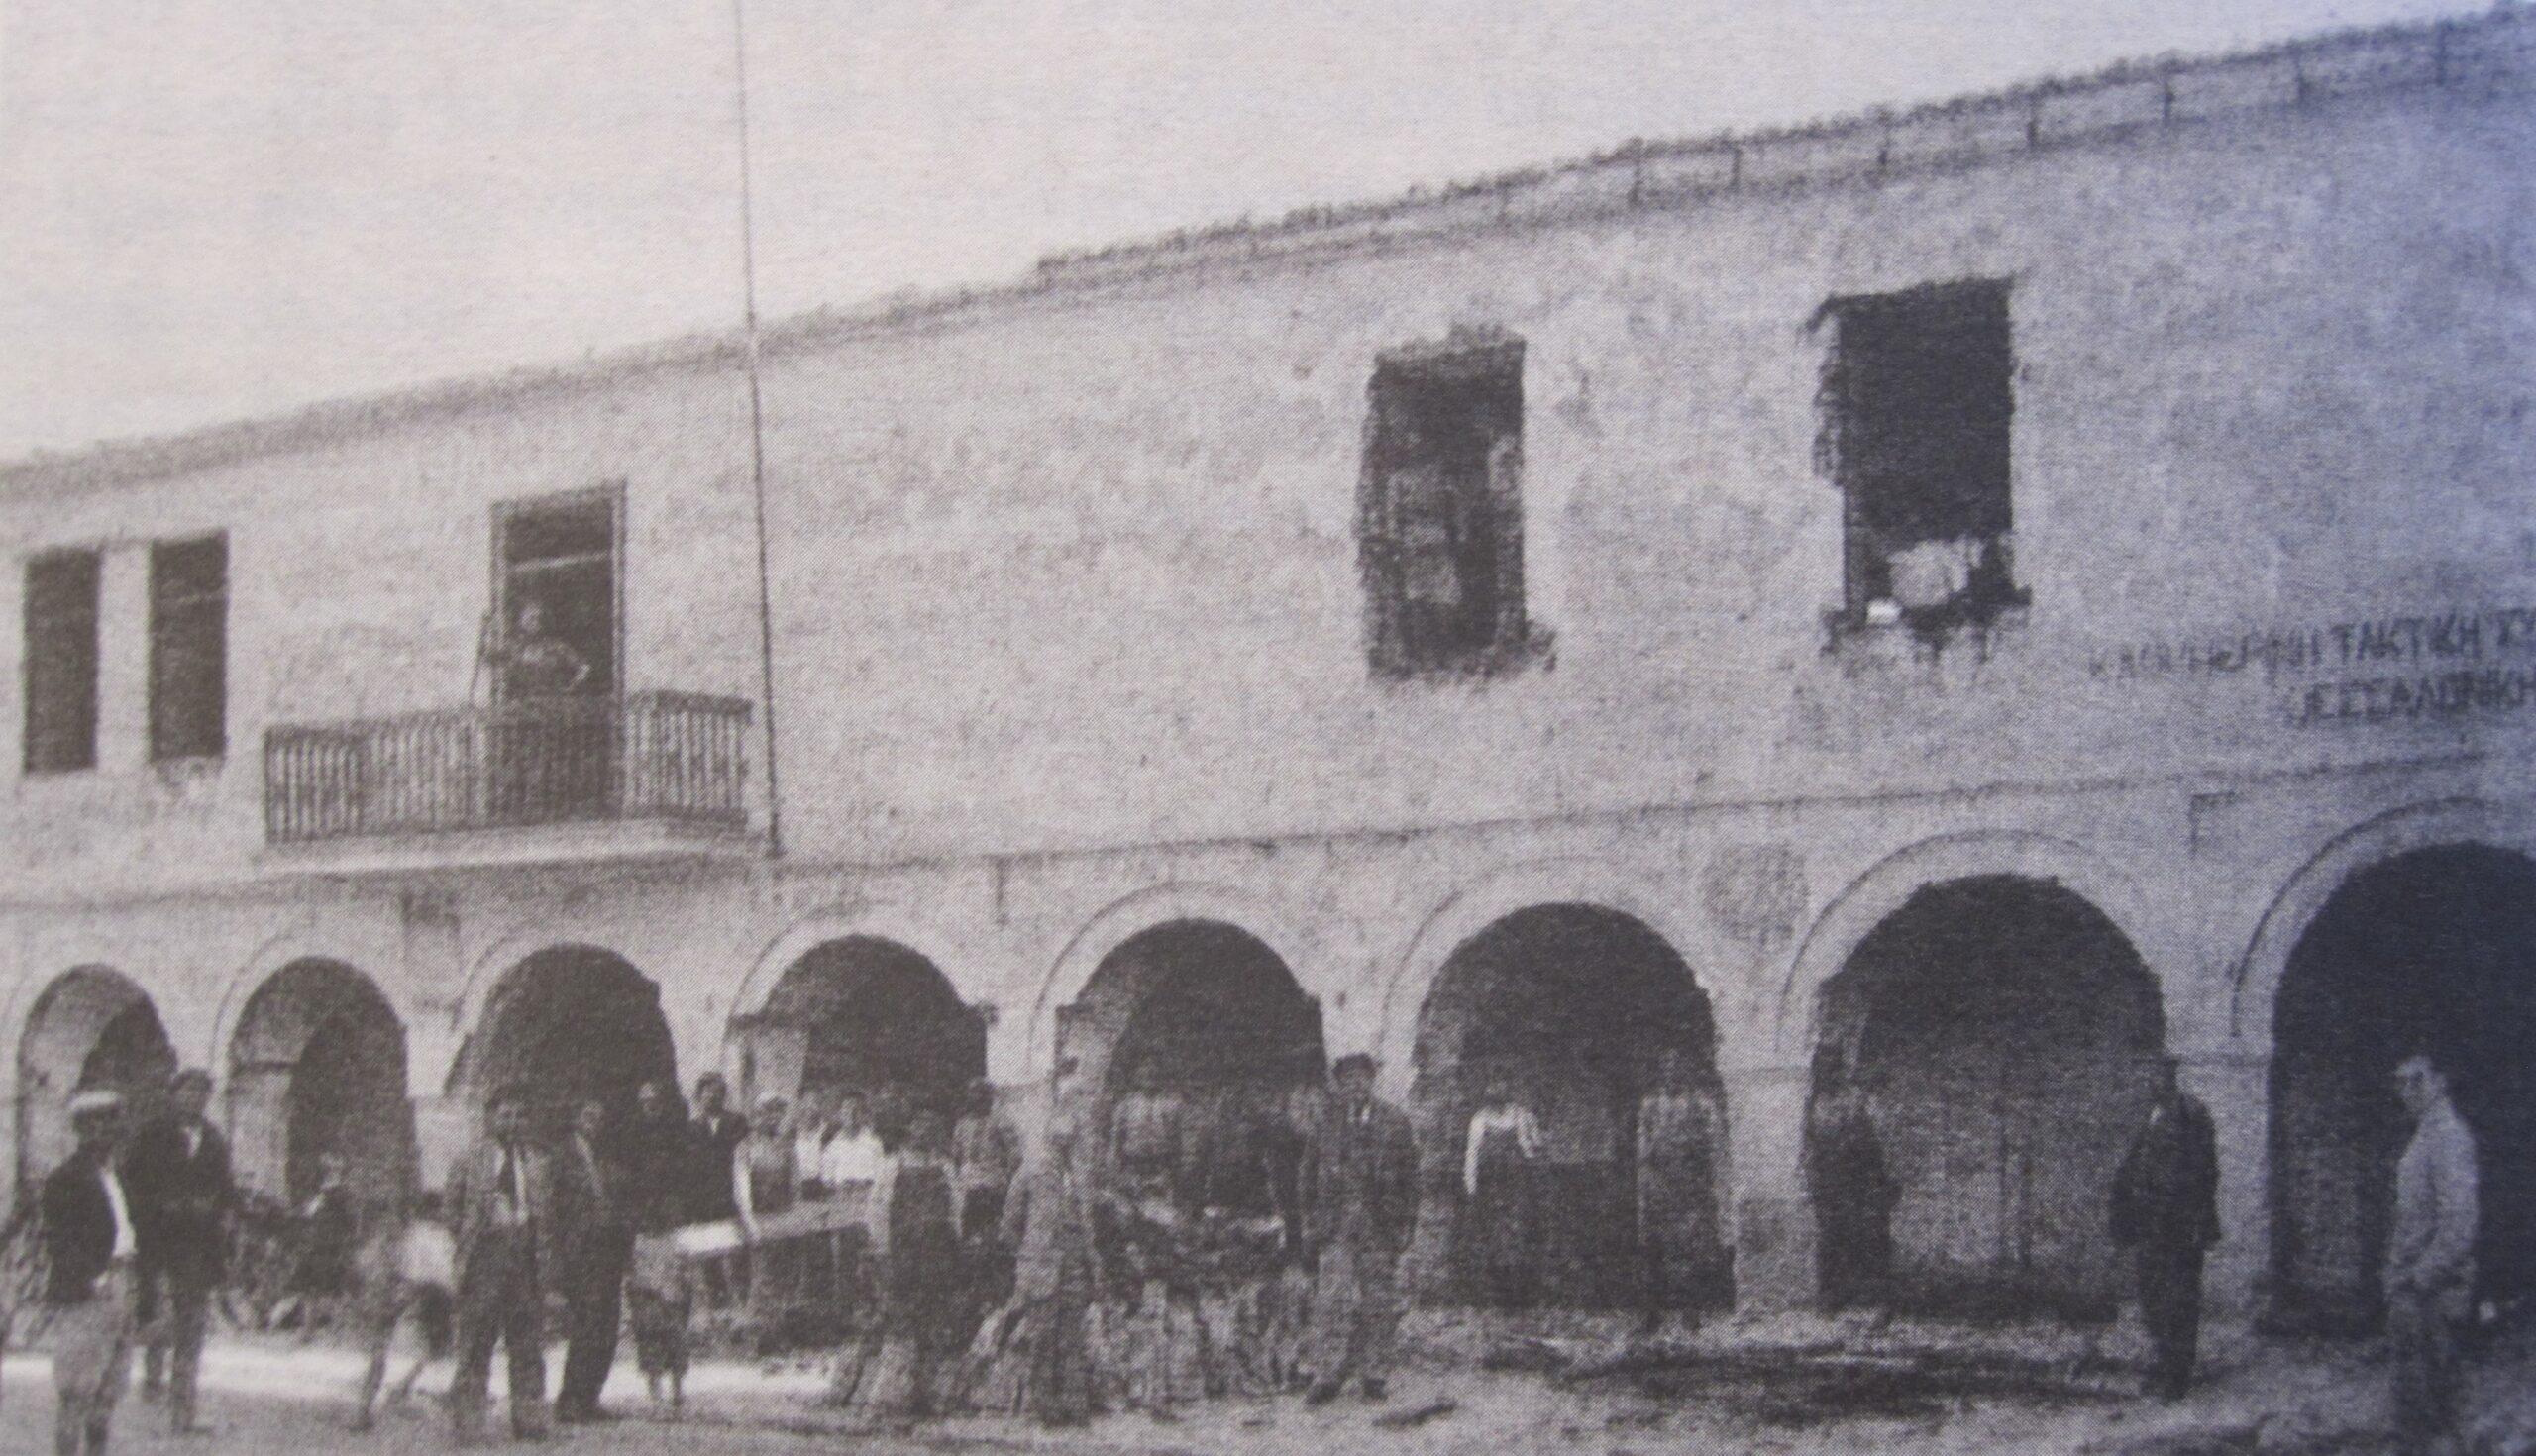 Το ισόγειο του Δημαρχείου της Κοζάνης στο οποίο στεγάστηκε από το 1923 έως το 1934 η Δημοτική Βιβλιοθήκη της Κοζάνης. Πηγή: Θησαυροί της Κοβενταρείου Δημοτικής Βιβλιοθήκης, συγγραφείς: Κώστας Καμπουρίδης, Βασιλική Κόκλα, Τριαντάφυλλος Ε. Σκλαβενίτης, Κωνσταντίνος Σπ. Στάικος, Γιώργος Τόλιας, επιμέλεια Κ. Σπ. Στάικος, Κοβεντάρειος Δημοτική Βιβλιοθήκη Κοζάνης, Κοζάνη 2018.